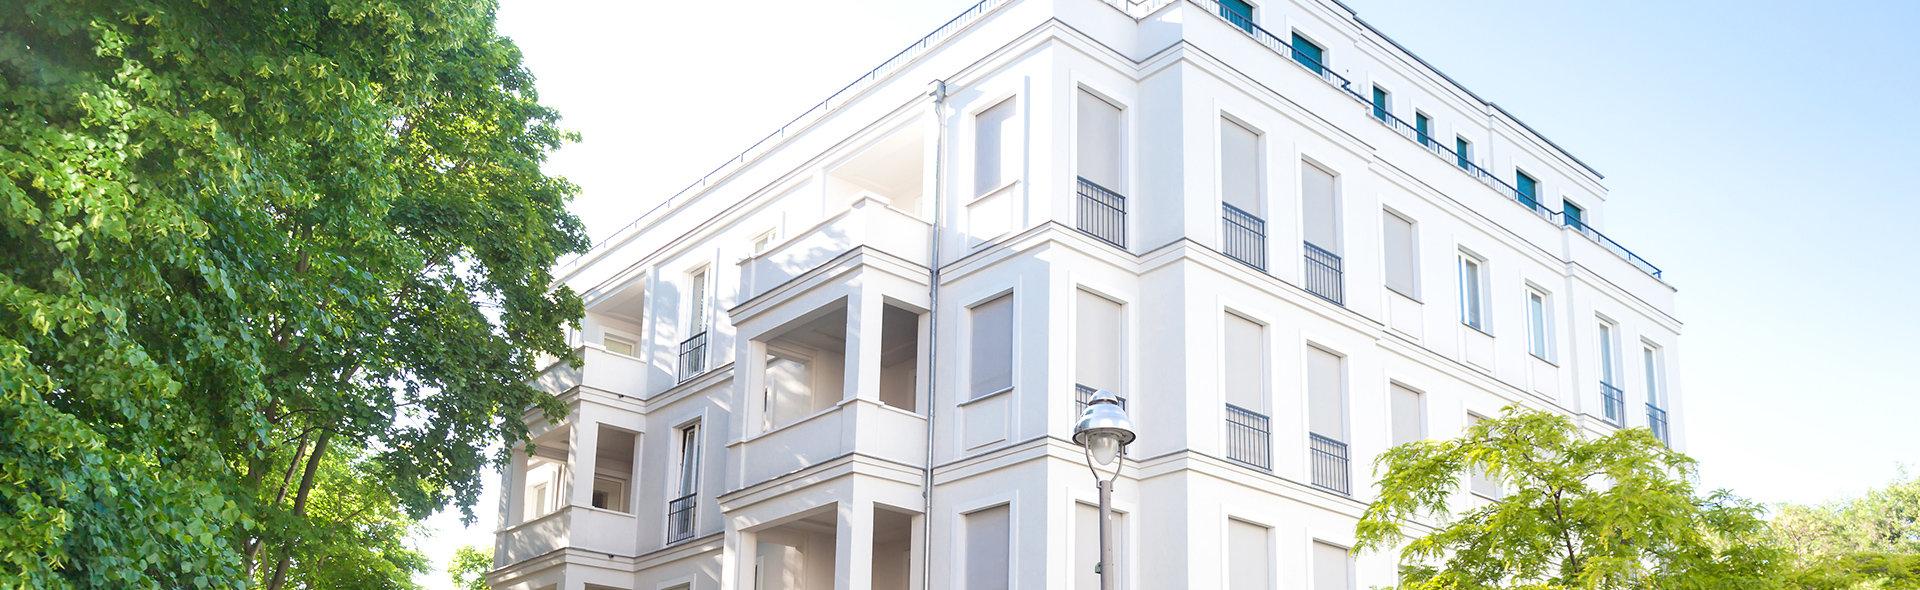 eigentumswohnung verkaufen troisdorf kriegsdorf sieger sieger immobilien gmbh. Black Bedroom Furniture Sets. Home Design Ideas